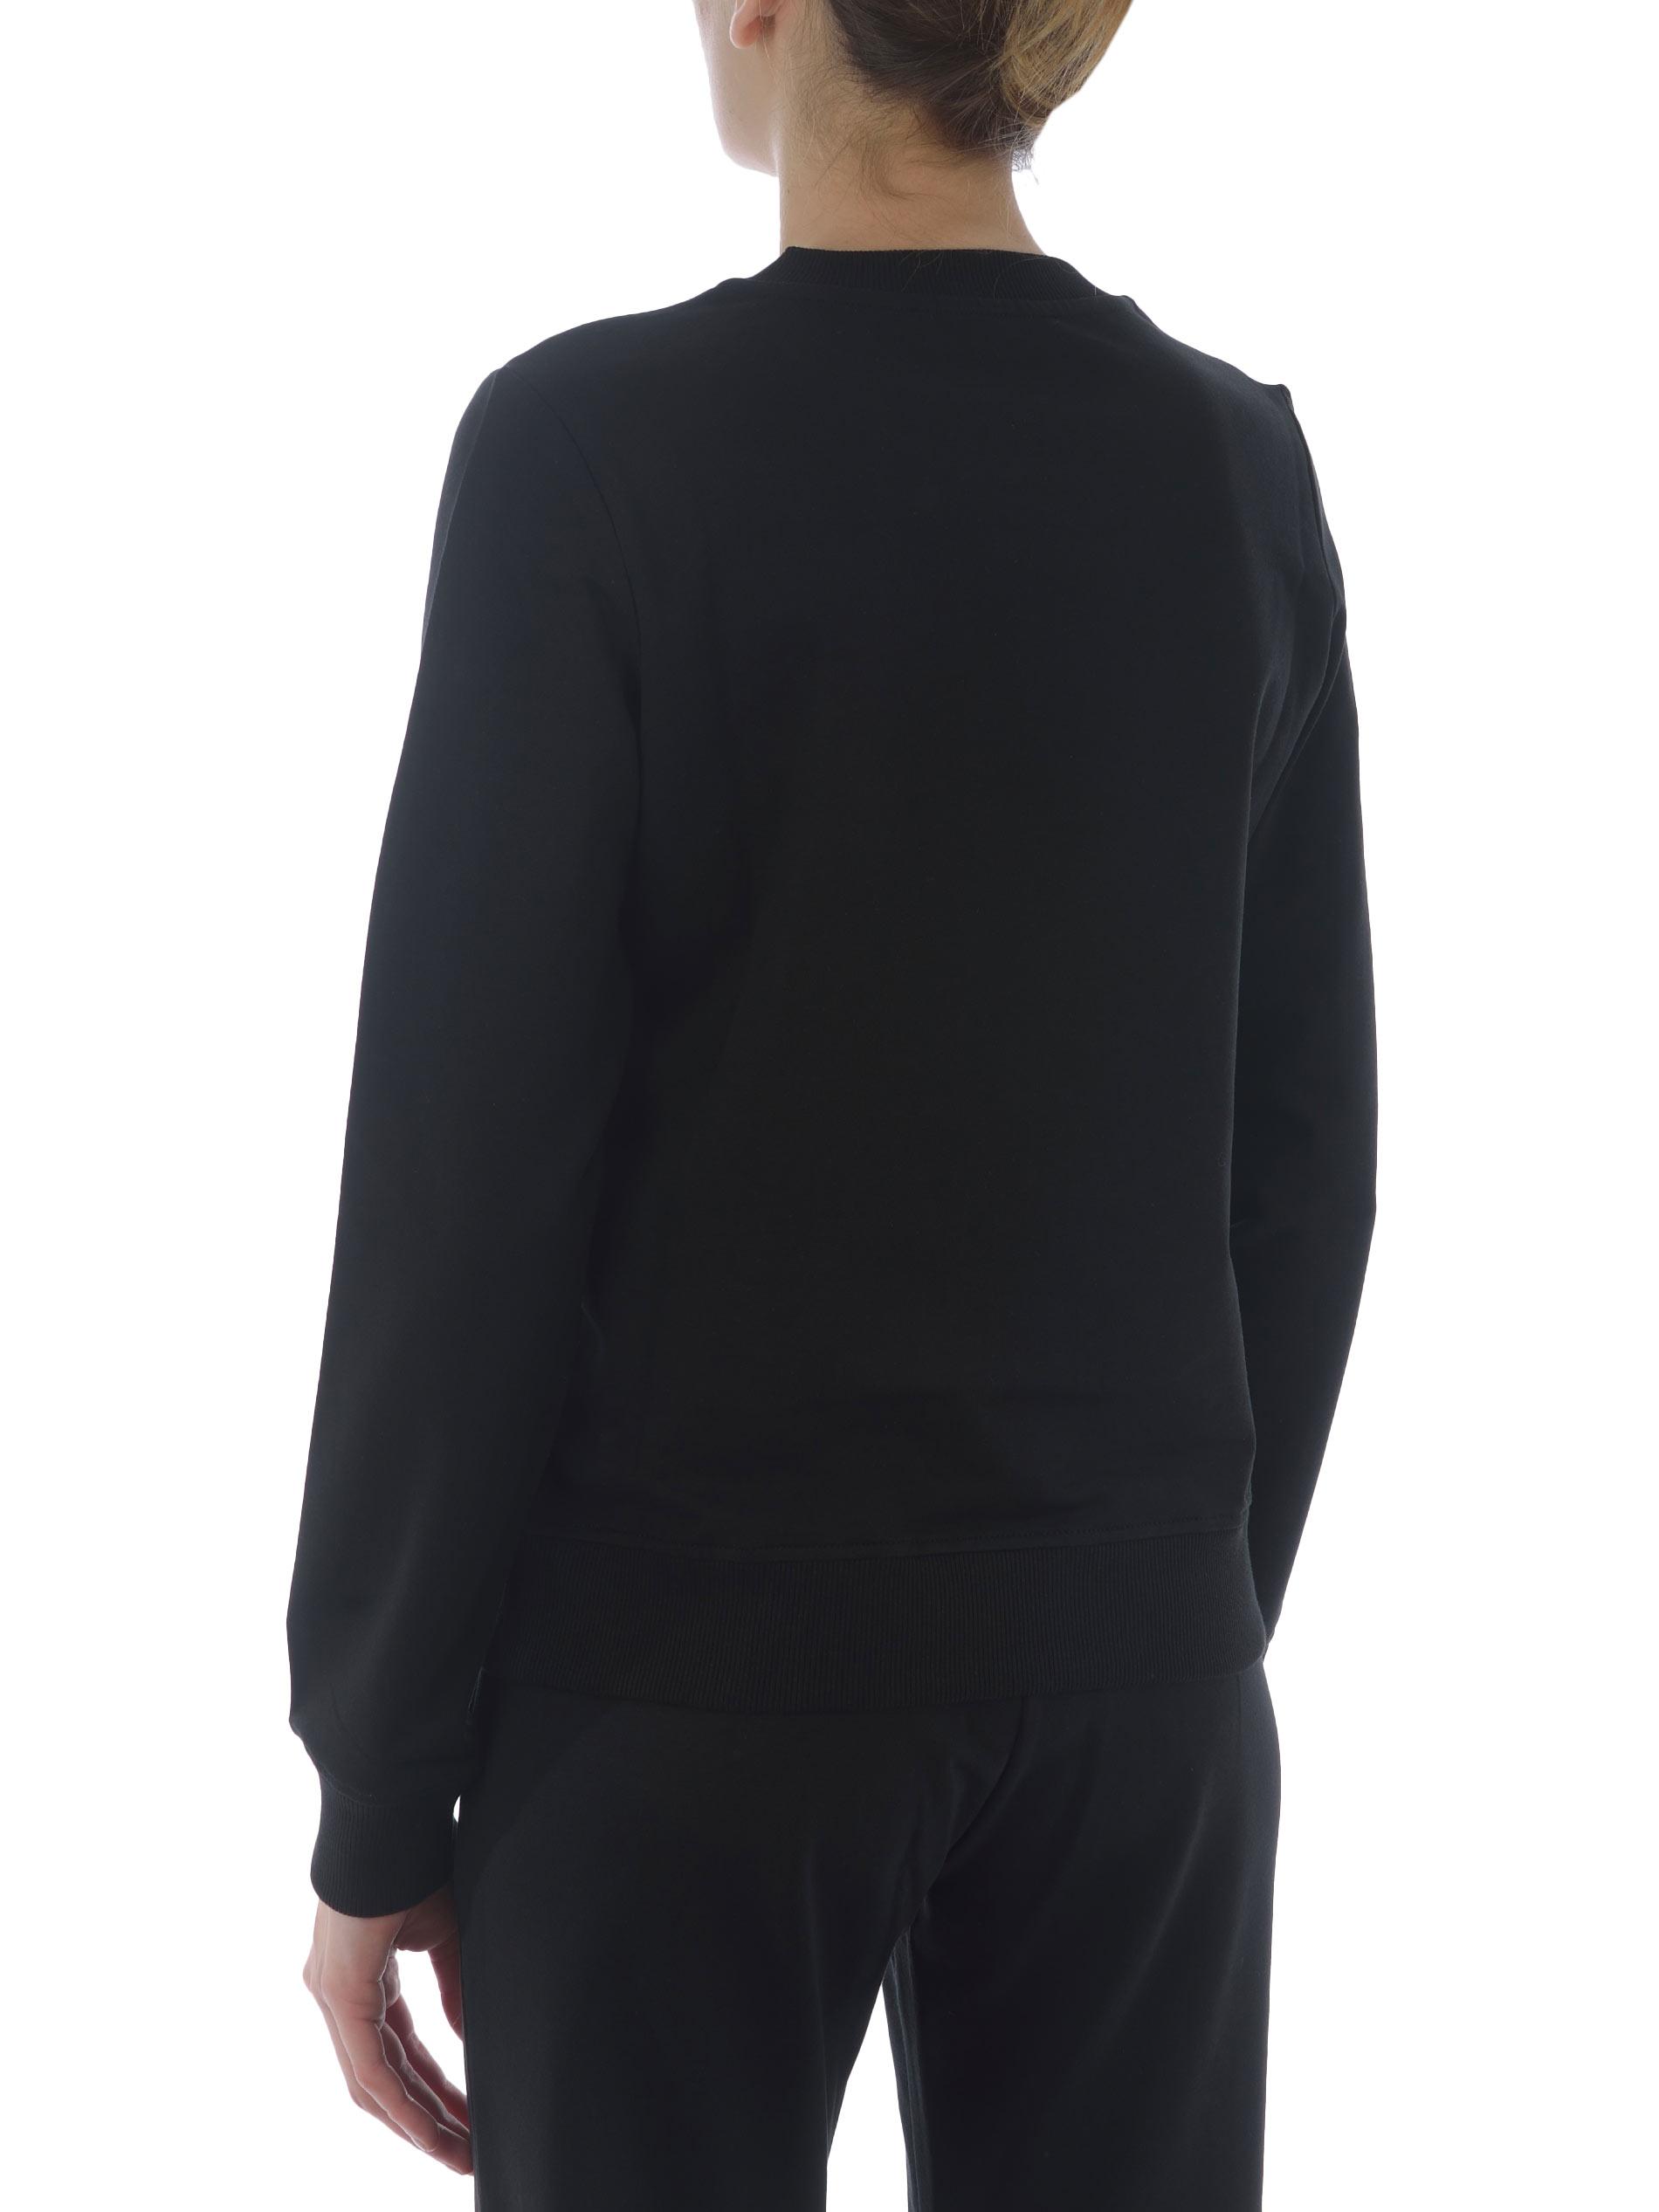 Felpa Love Moschino in cotone stretch MOSCHINO LOVE | 10000005 | W630220E2180-C74